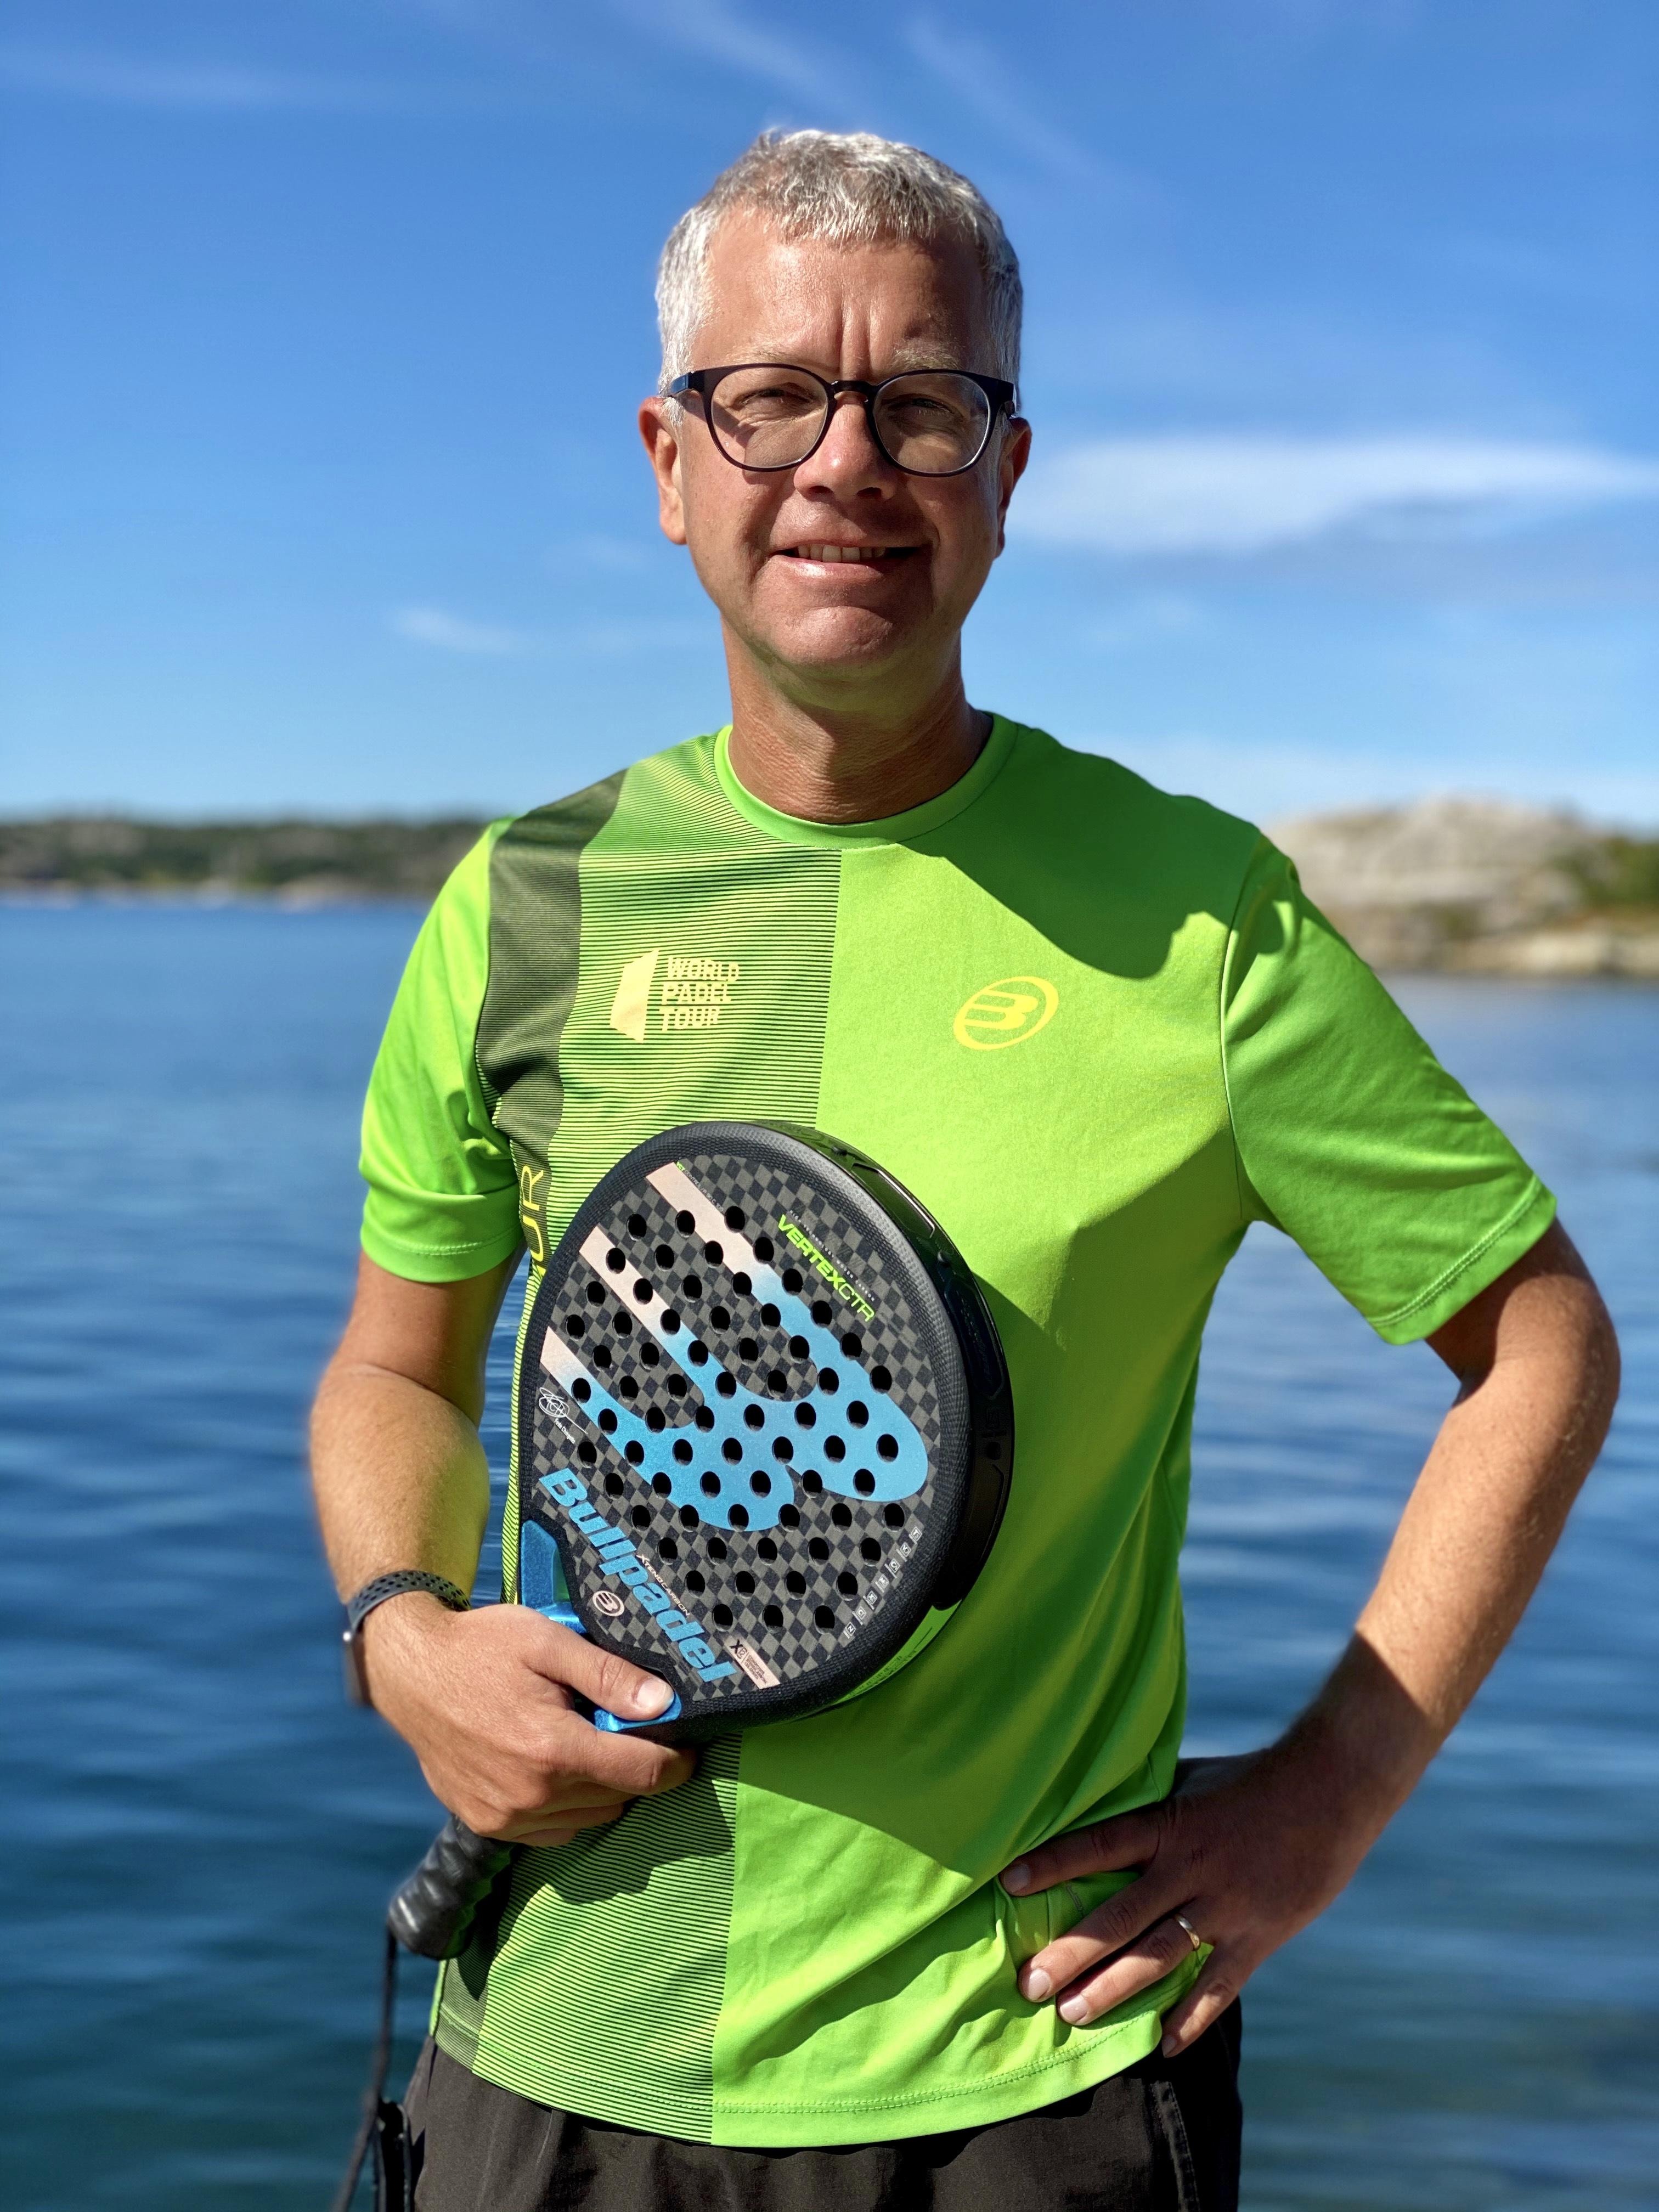 Padel kommer bli en av de stora svenska folksporterna!